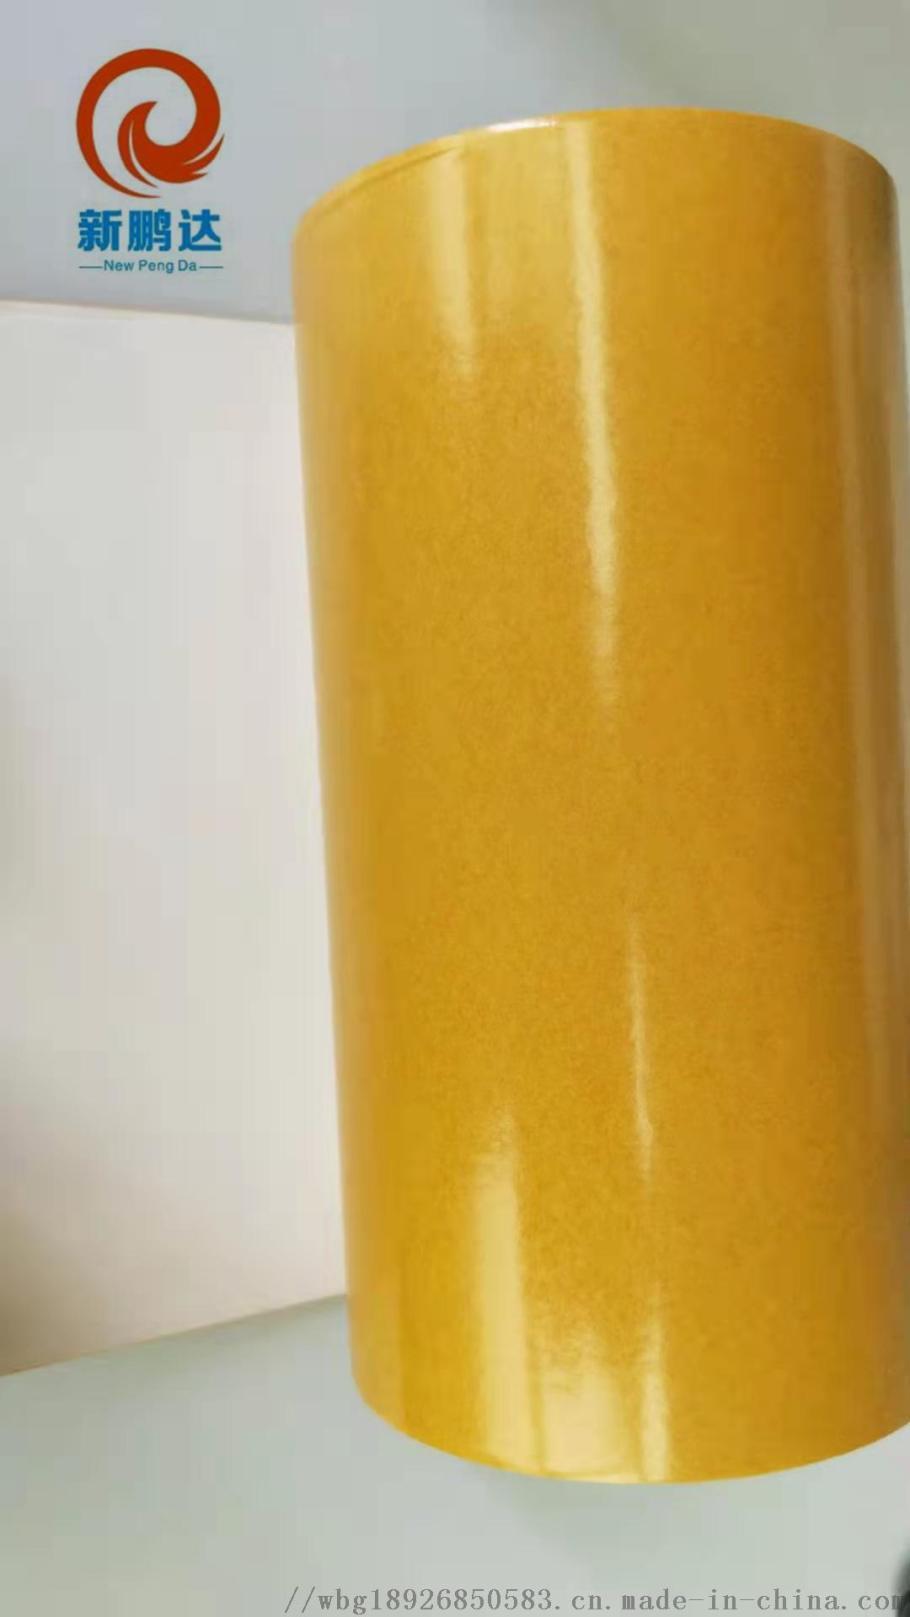 厂家直销 PI覆盖膜 热压粘合保护膜962622675